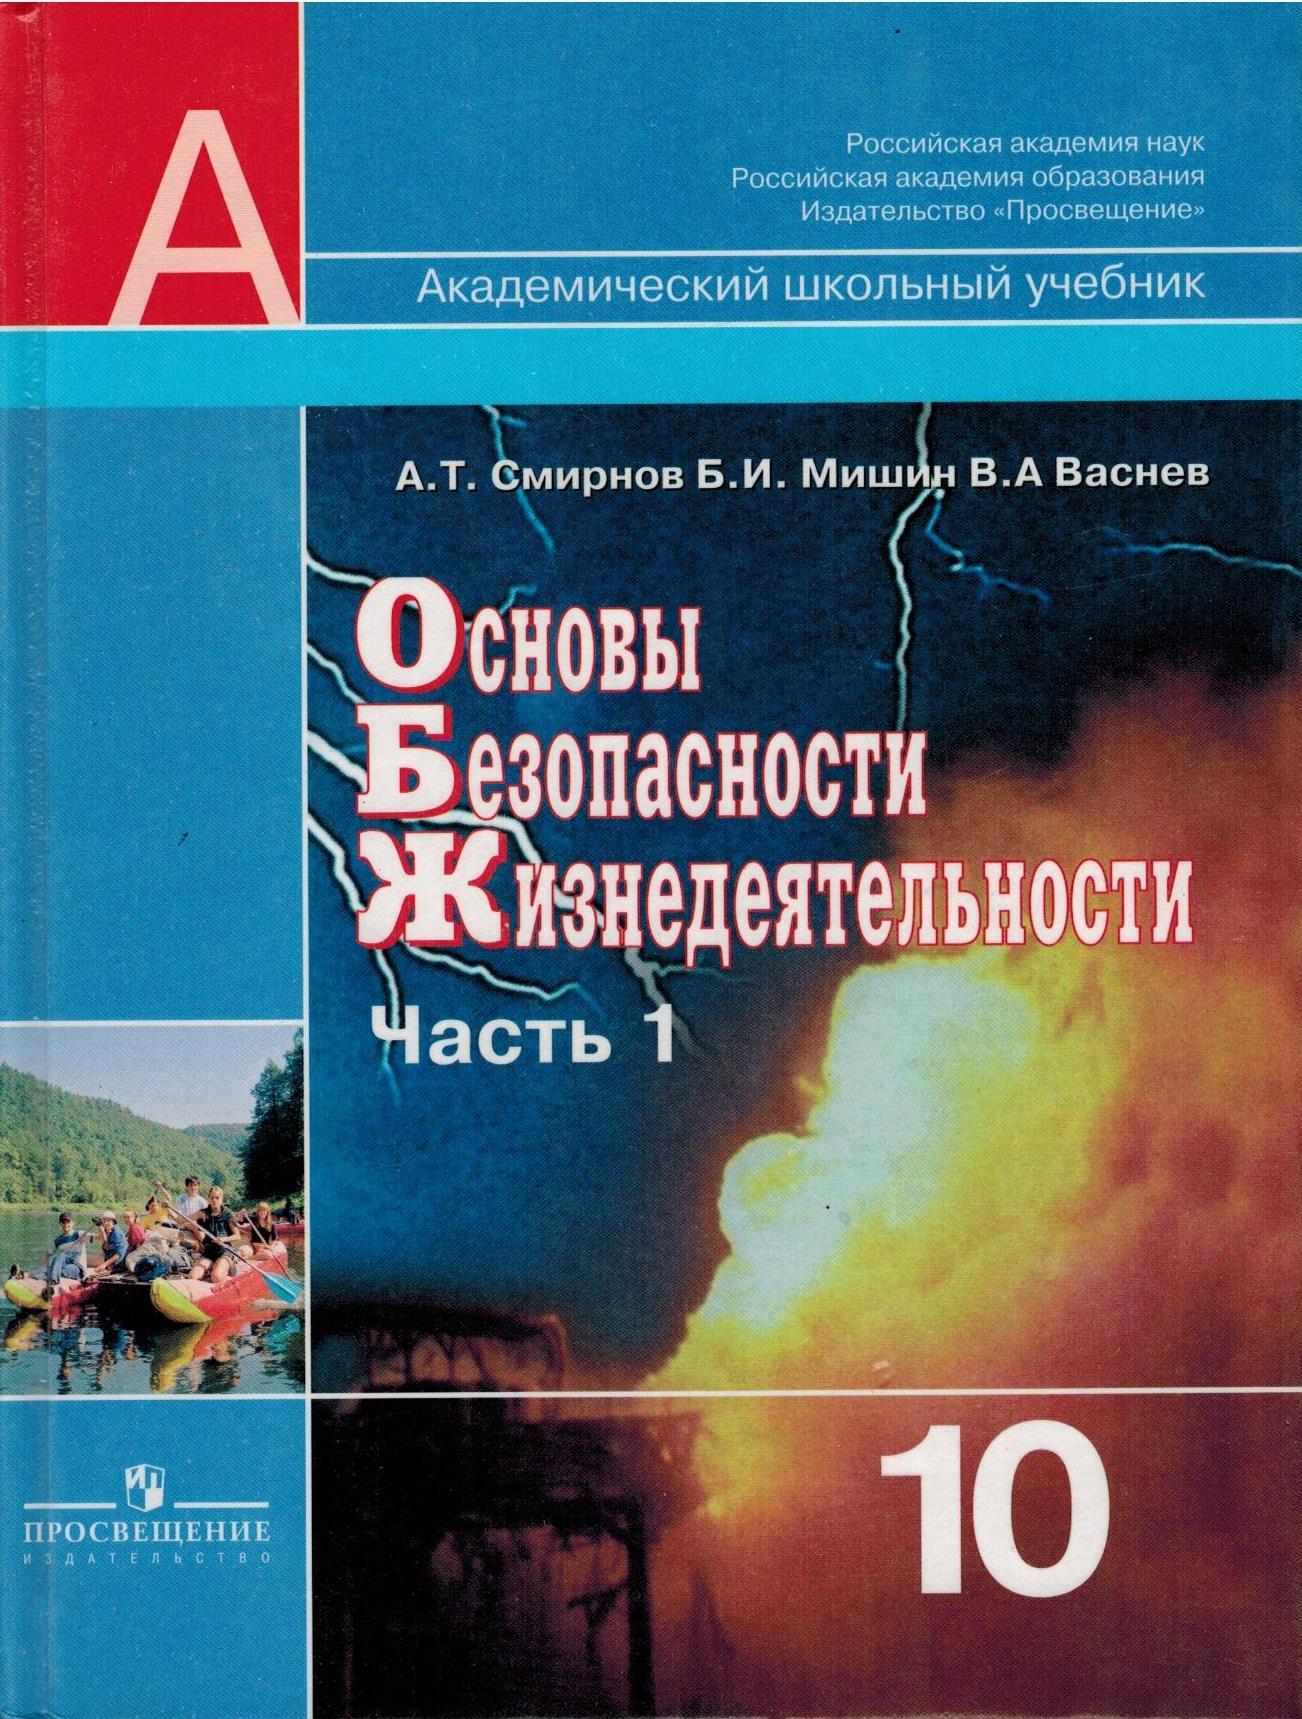 Смирнов А.Т., Мишин Б.И., Васнев В.А. Основы безопасности жизнедеятельности. Часть 1